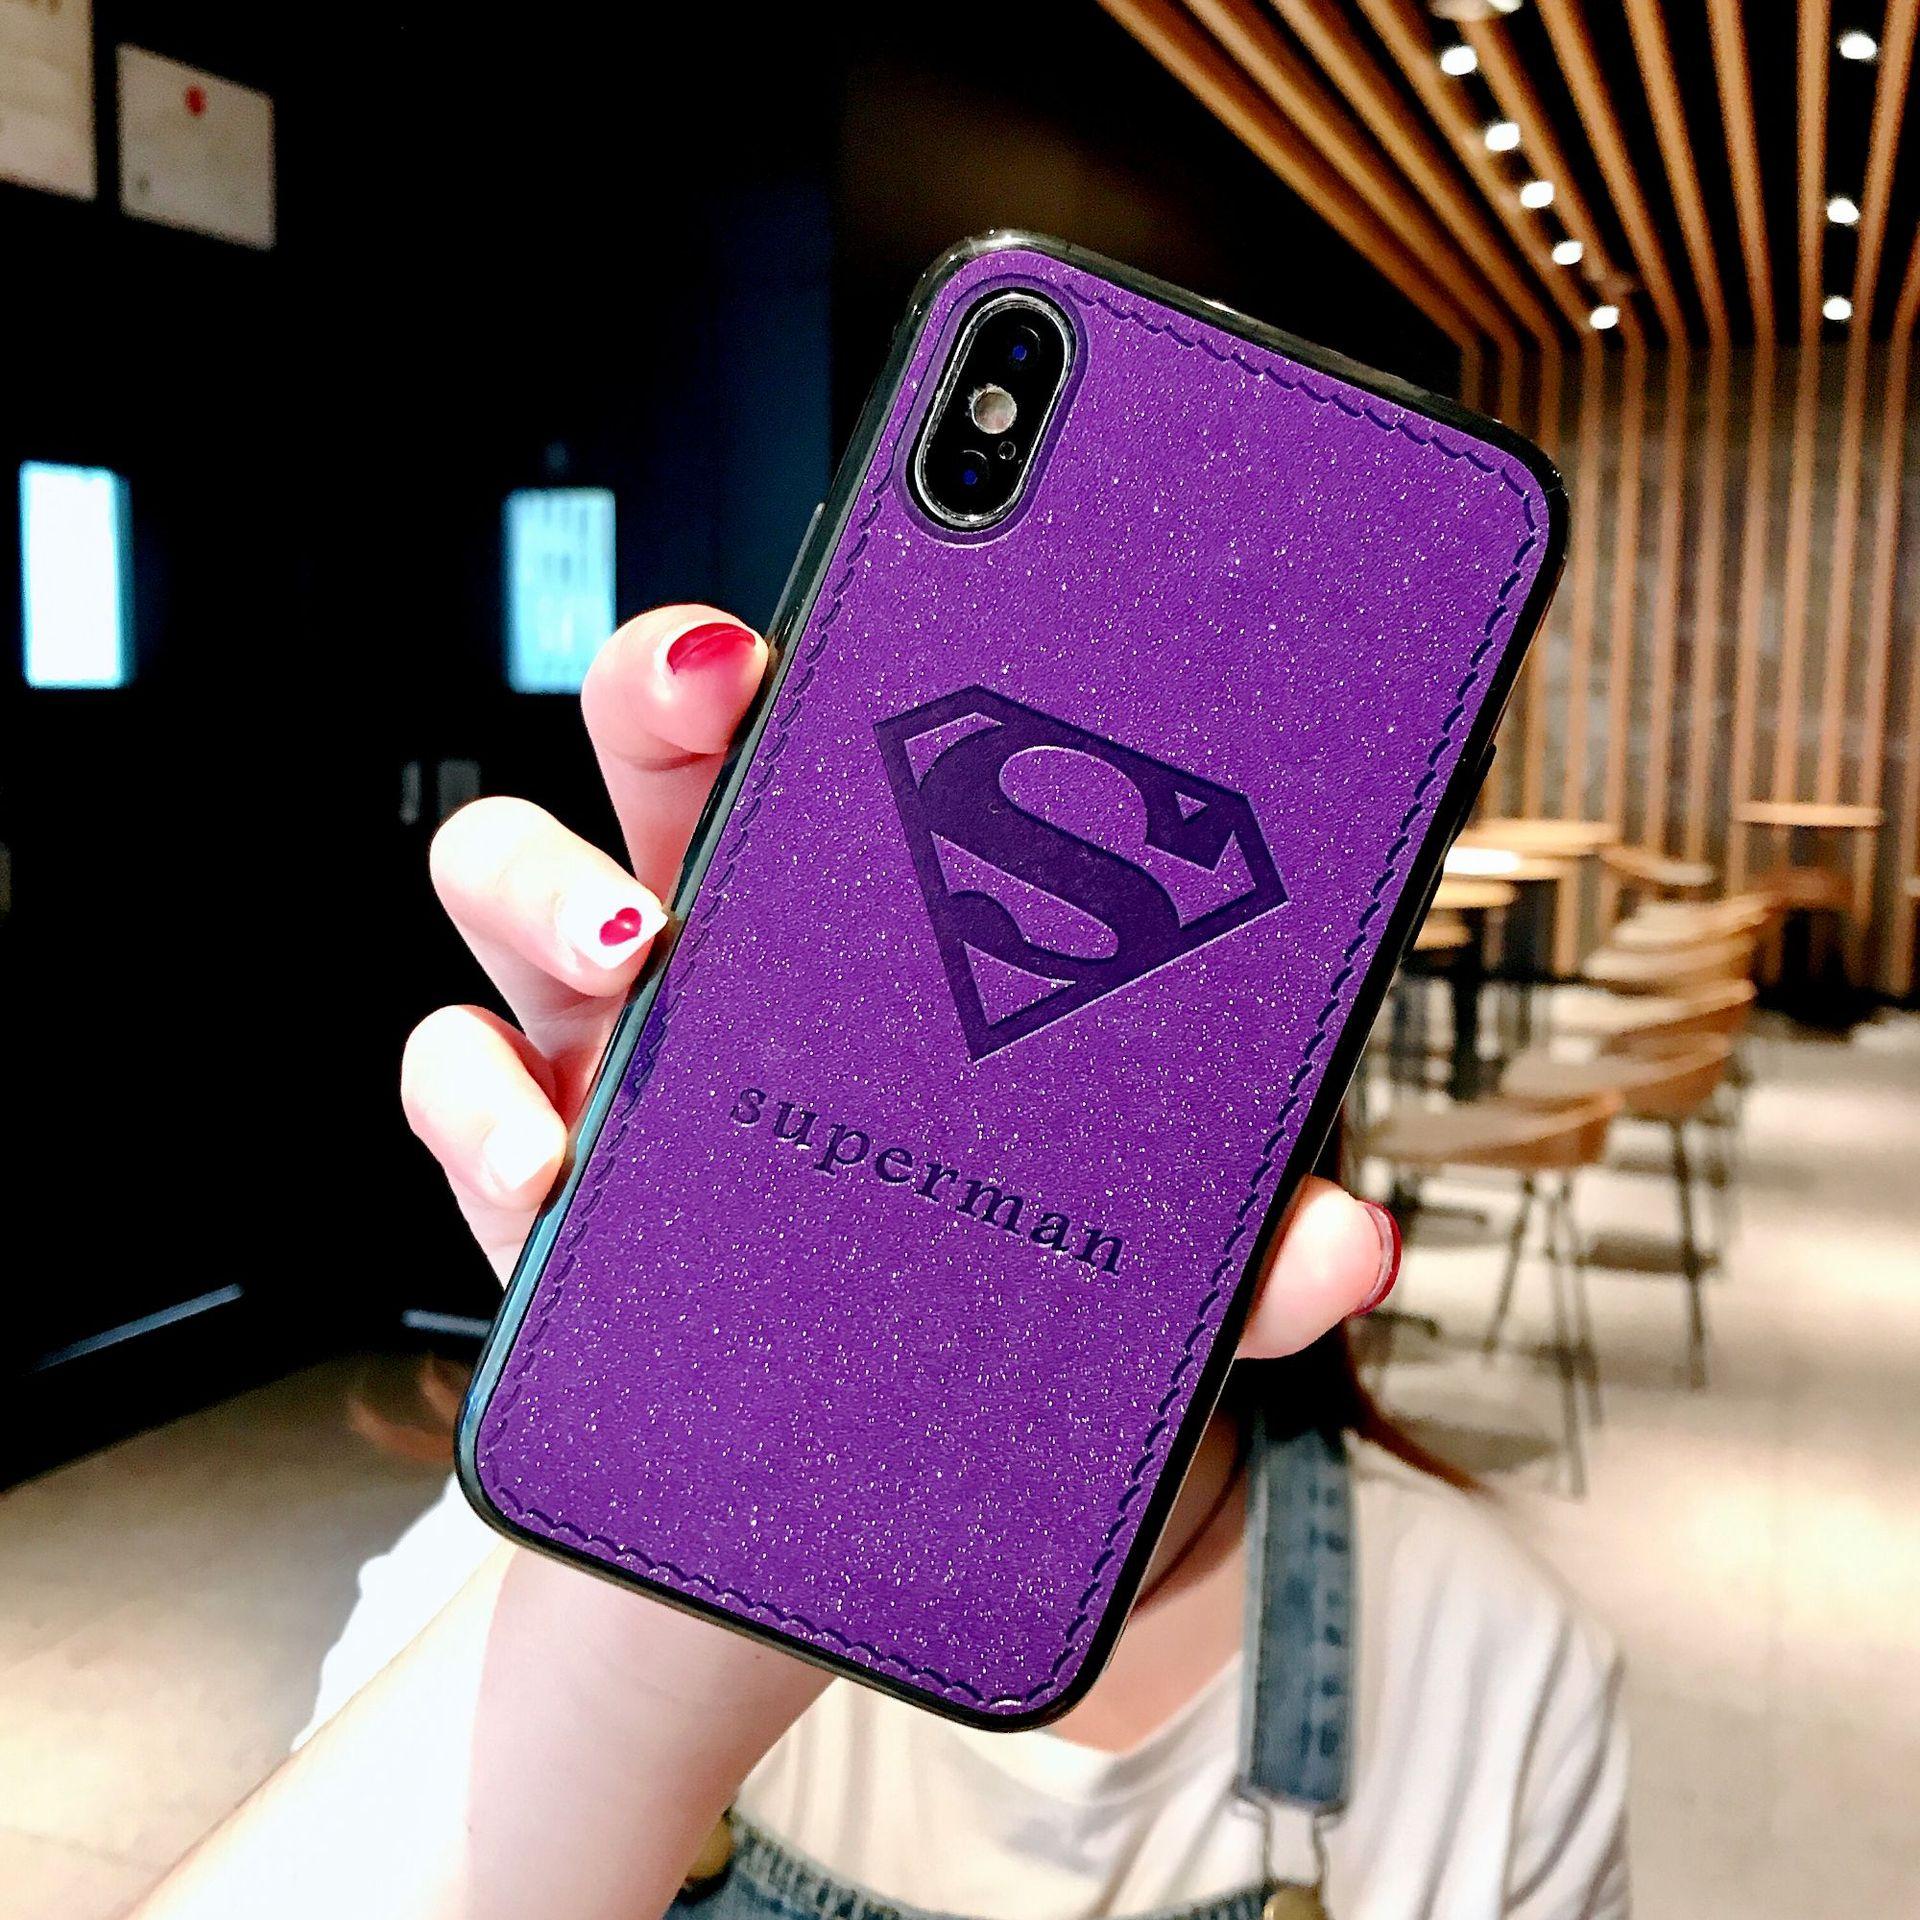 花轴新款适用于布纹手机壳xsmax保护套闪粉压皮手机壳iphone苹果超人搓鸡眼图片